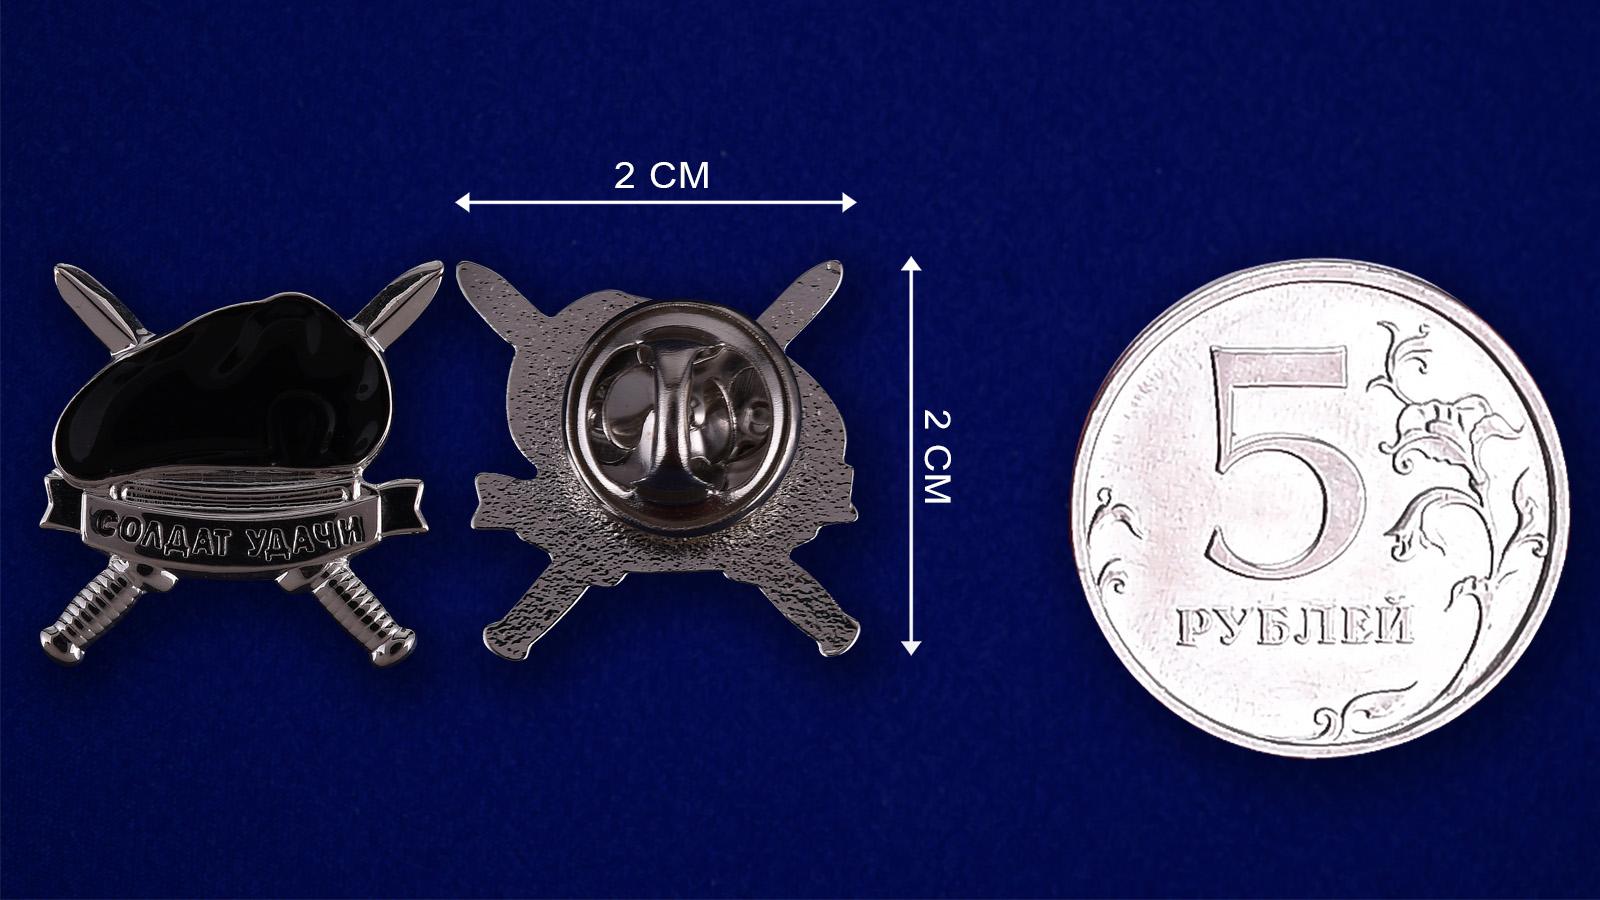 Значок морпеха «Черный берет» - сравнительный размер